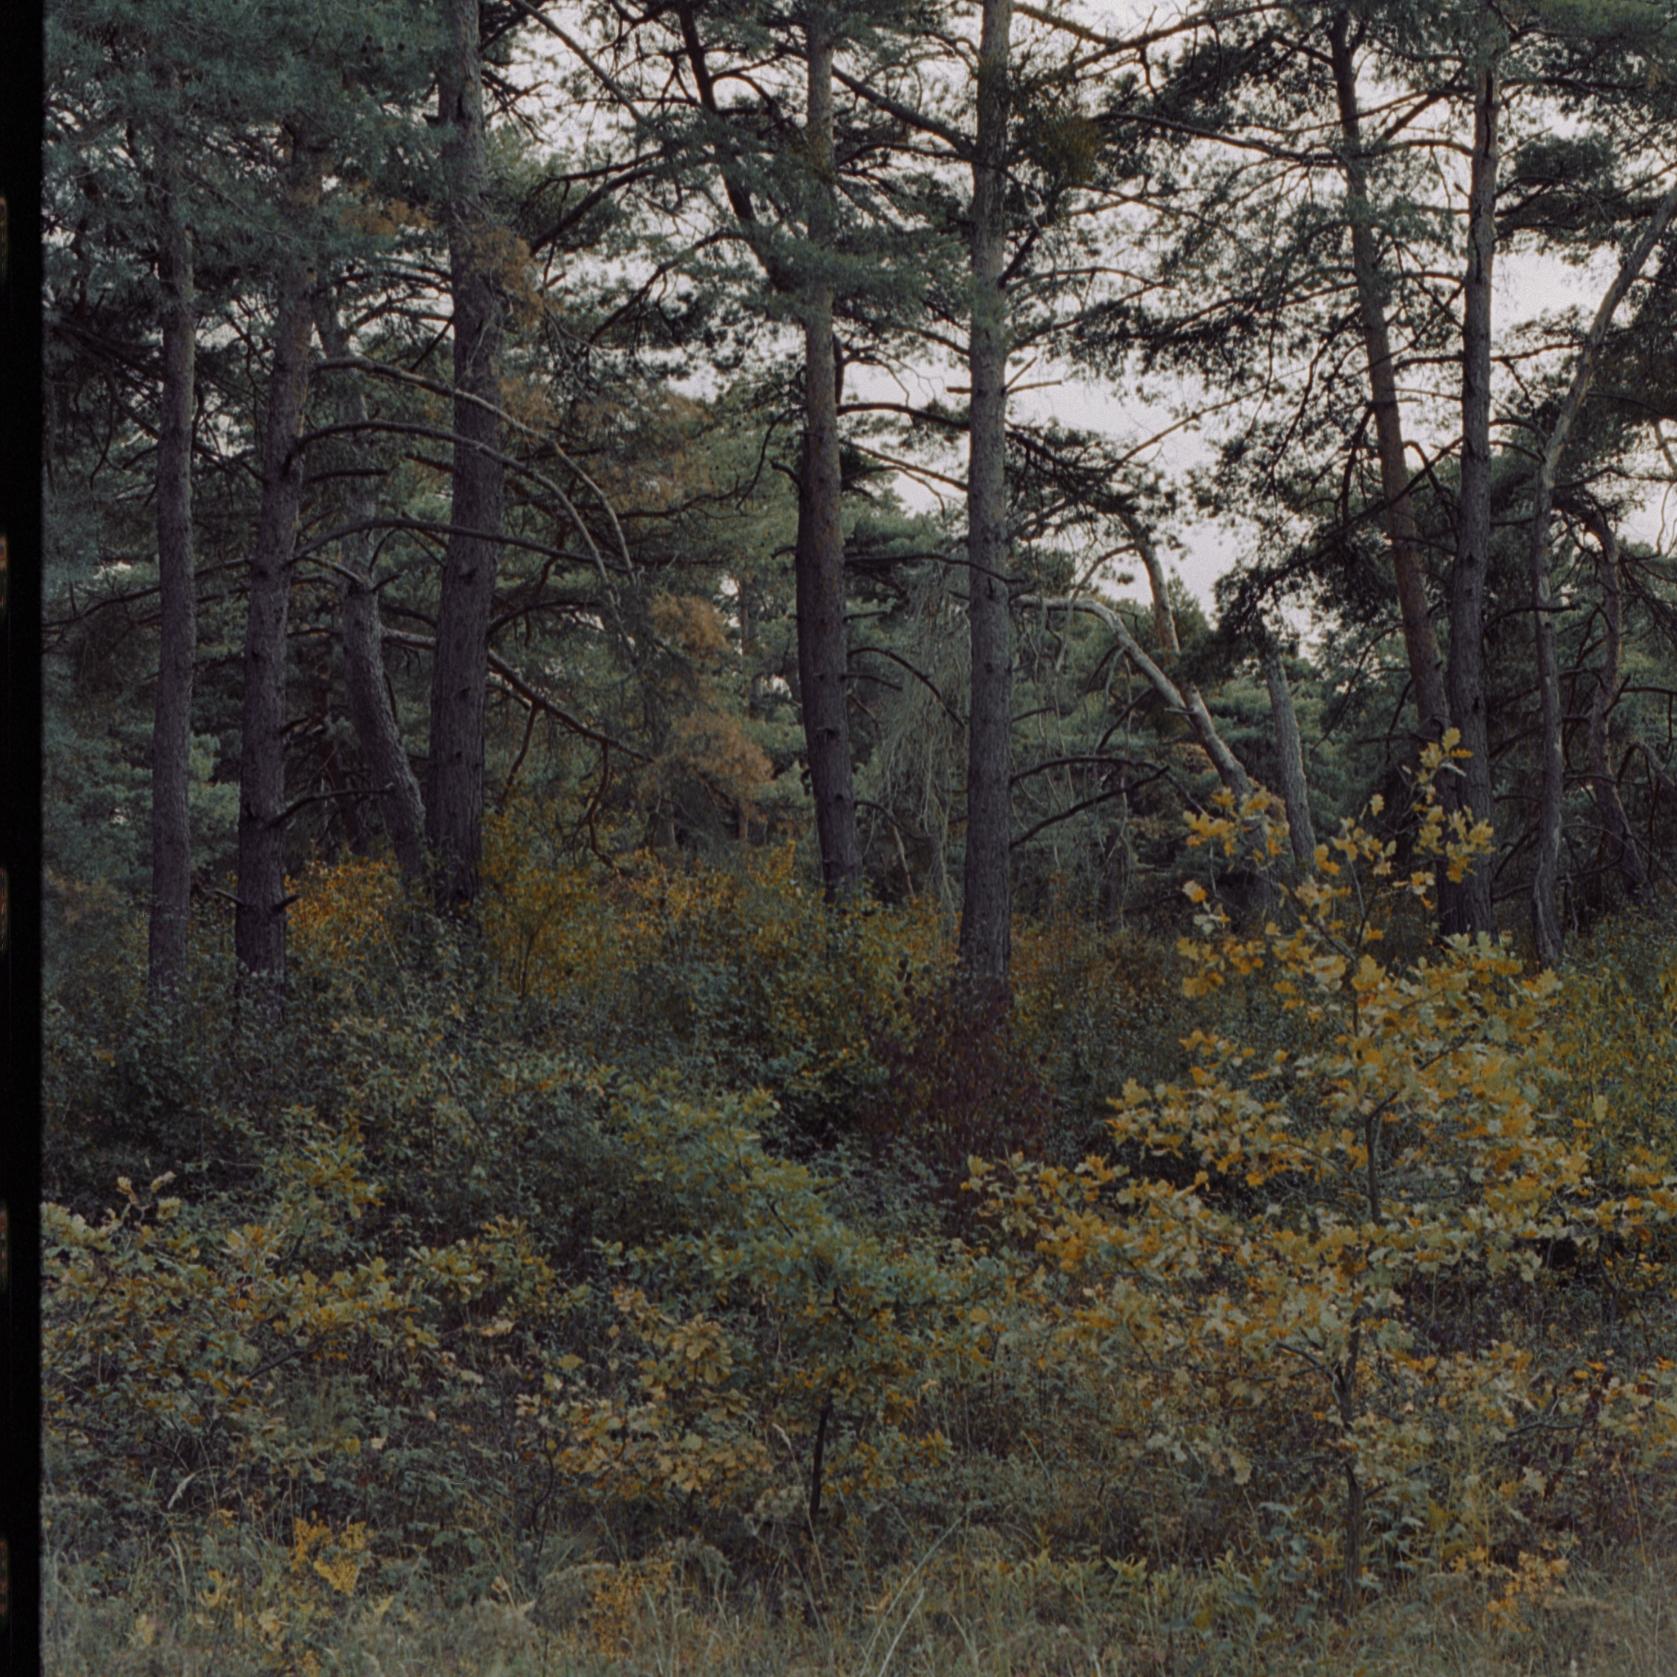 botanischerg_14.jpg